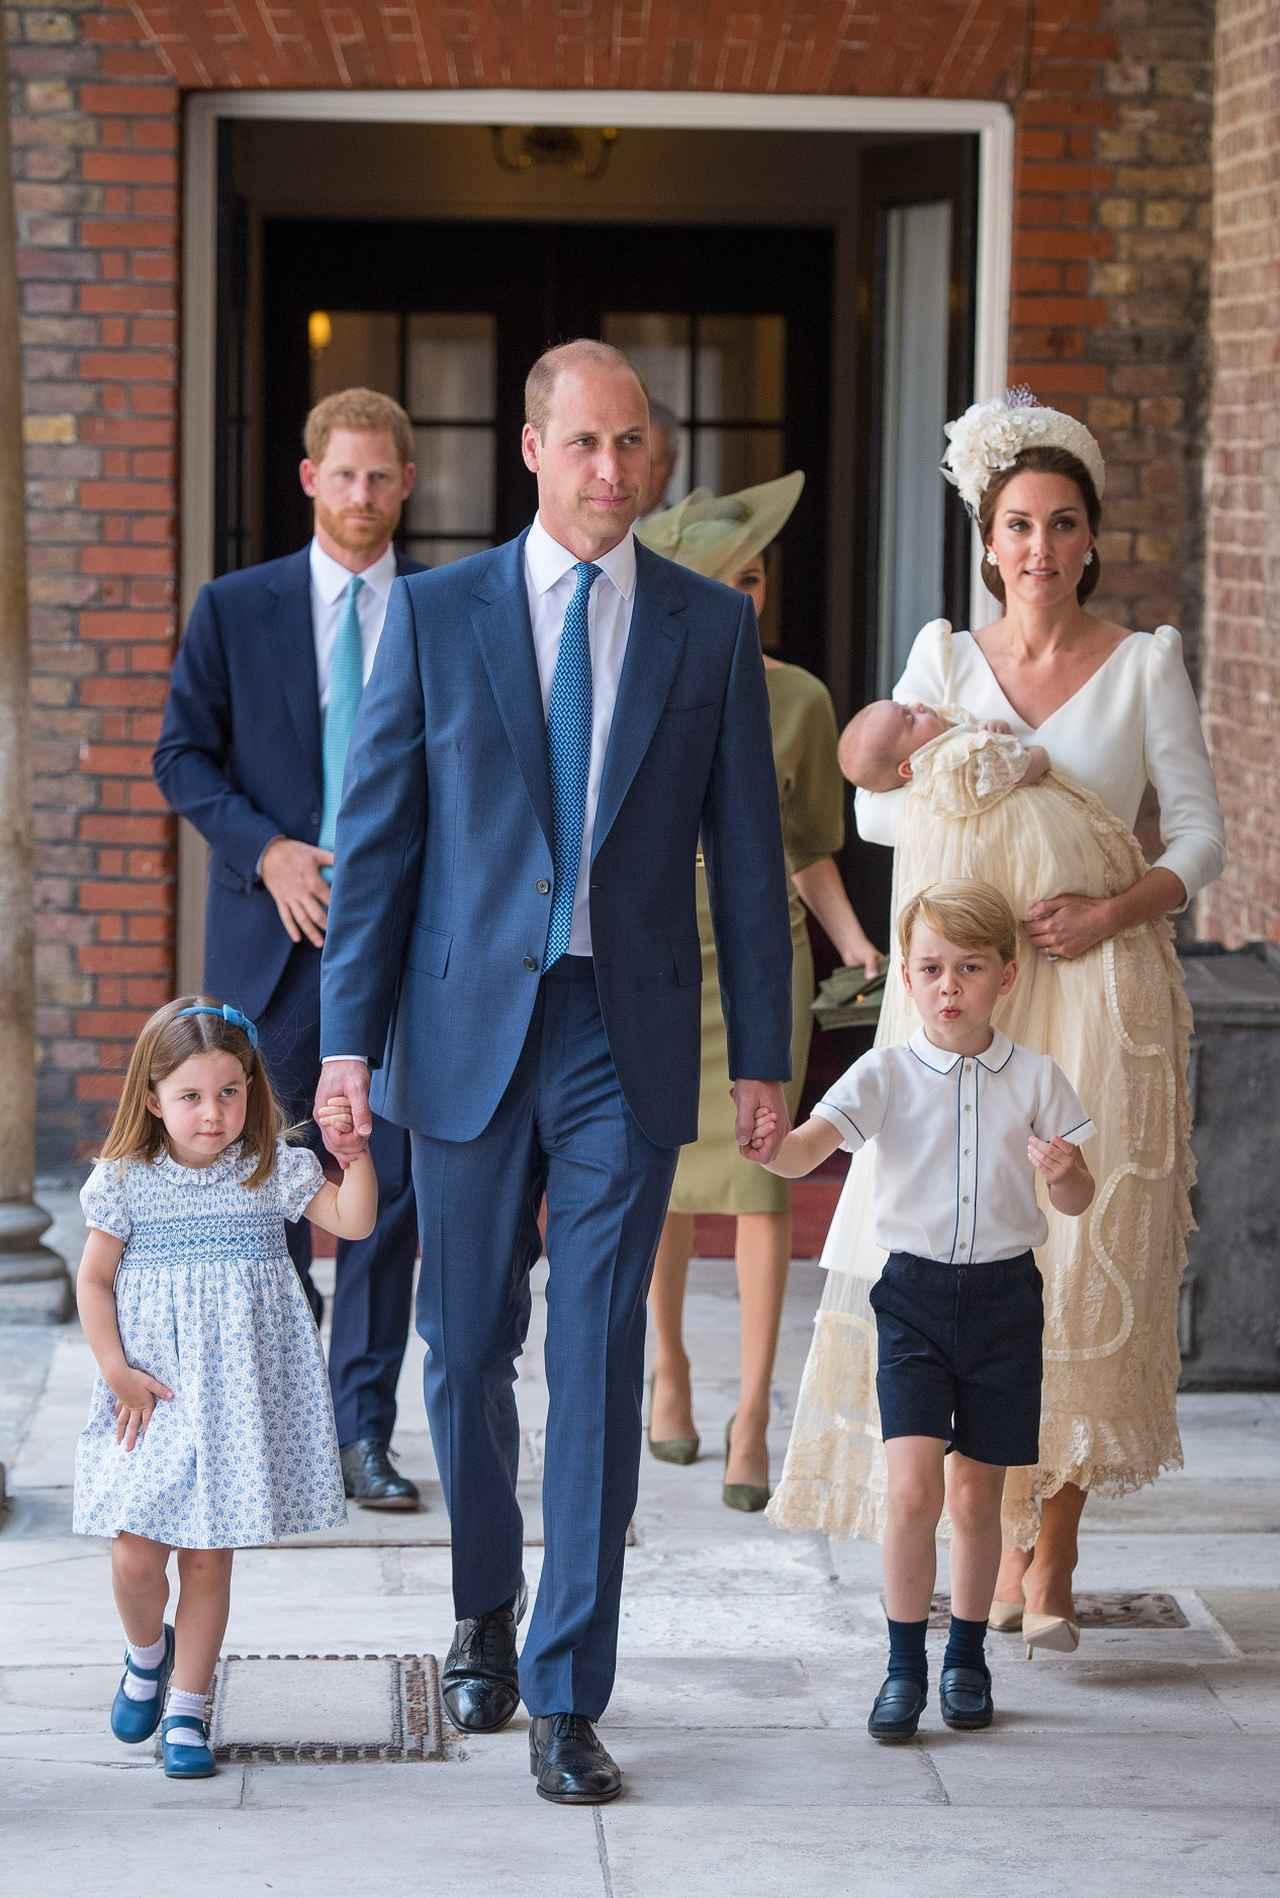 画像: シャーロット王女、パパラッチへの「厳しめな一言」に父ウィリアム王子もたじたじ